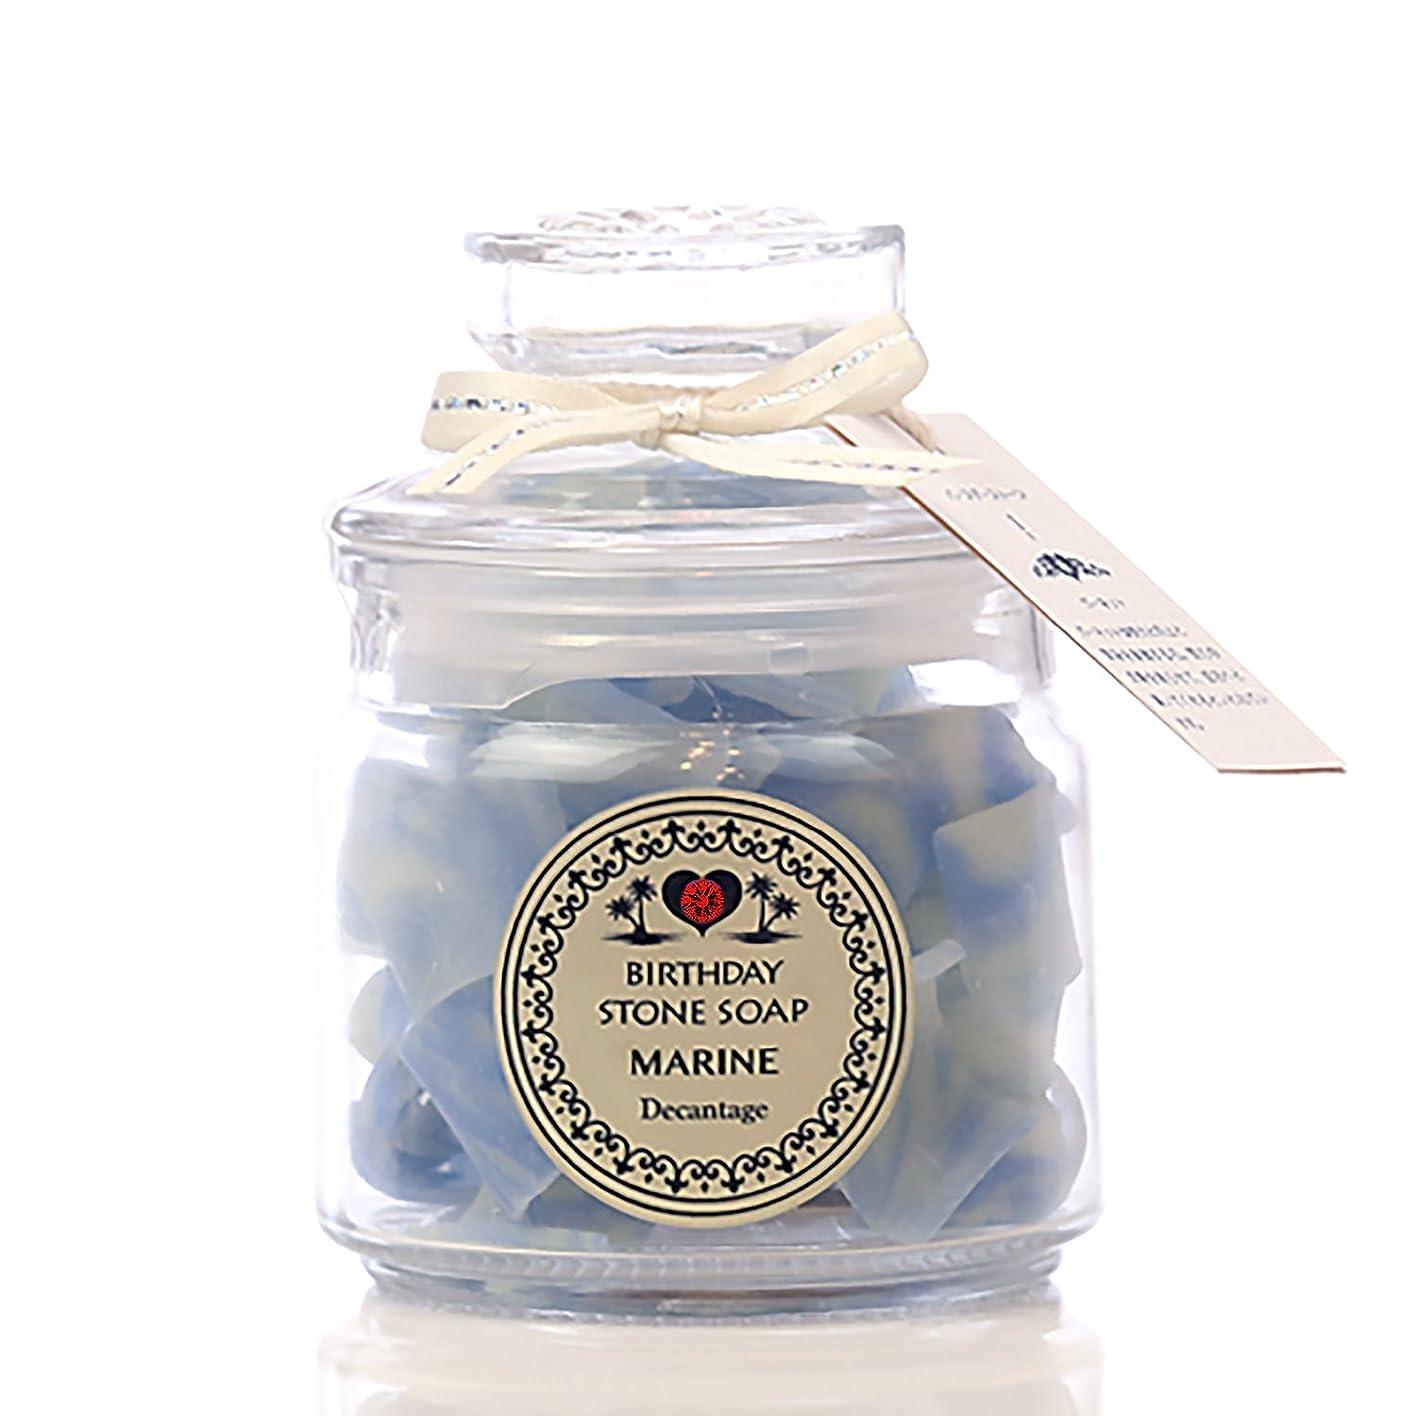 歯痛成功する休憩バースデーストーンソープ マリン(プレミアム) (1月)ガーネット(プルメリアの香り)